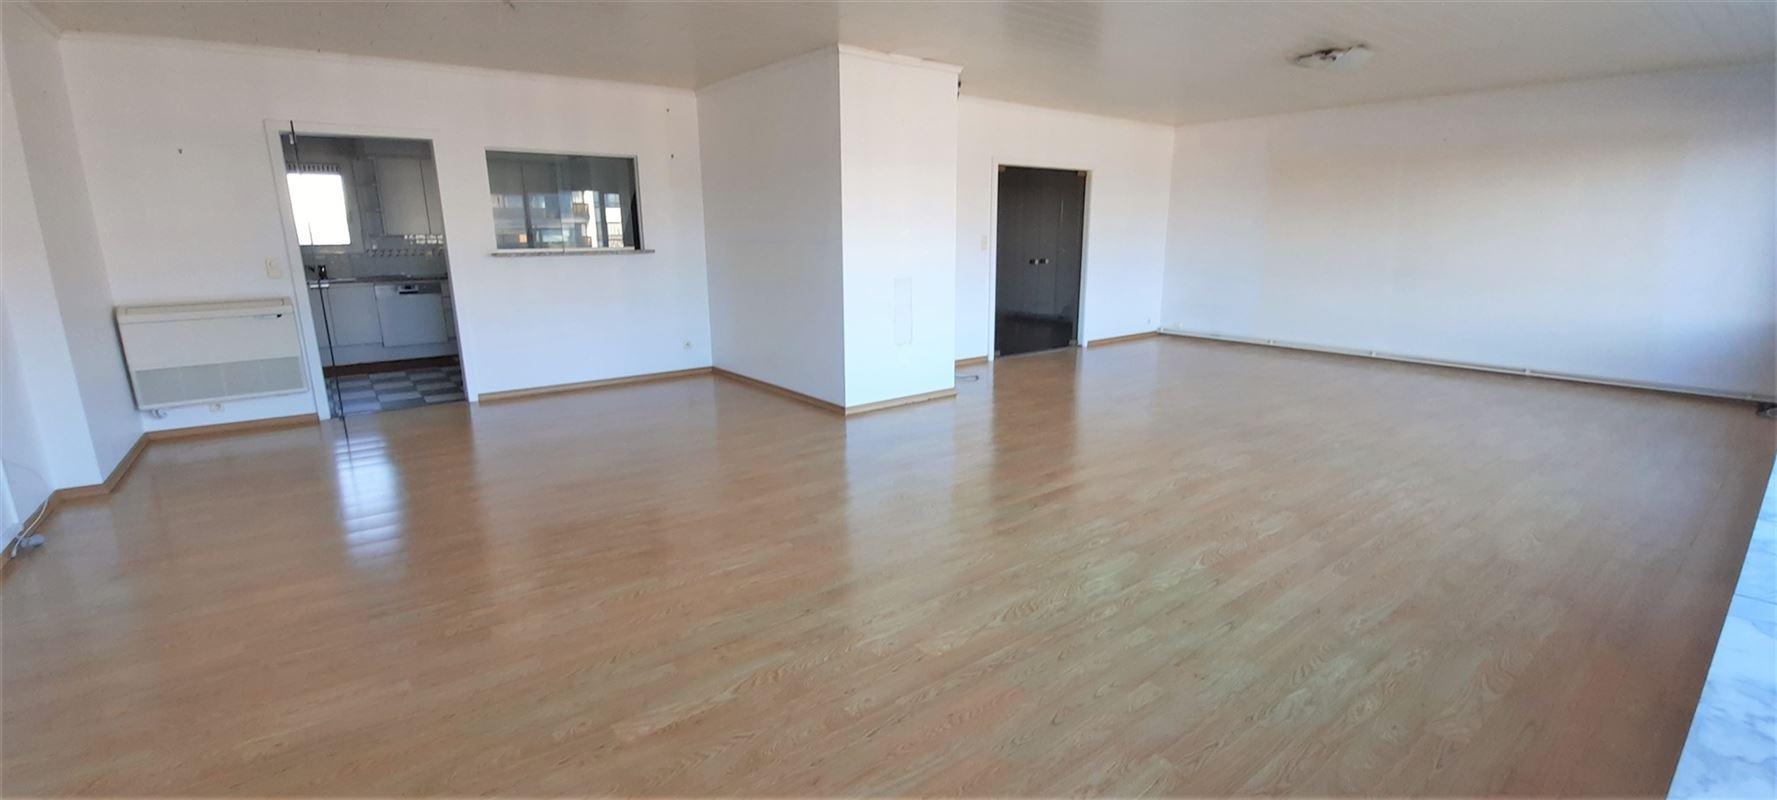 Foto 5 : Appartement te 2800 MECHELEN (België) - Prijs € 1.050